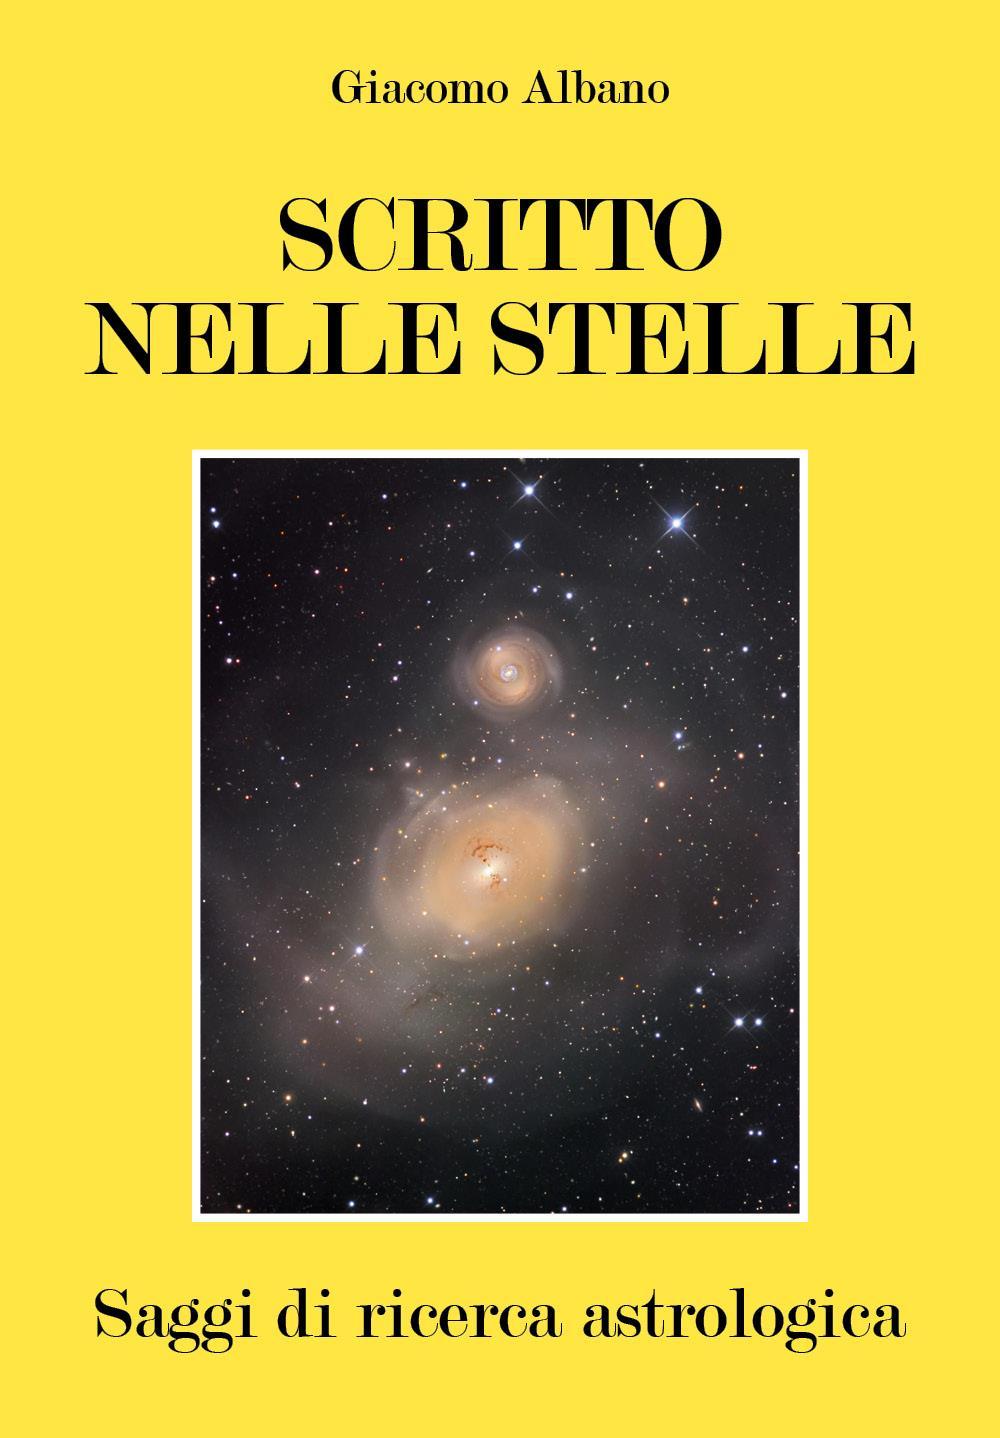 SCRITTO NELLE STELLE - Saggi di ricerca astrologica